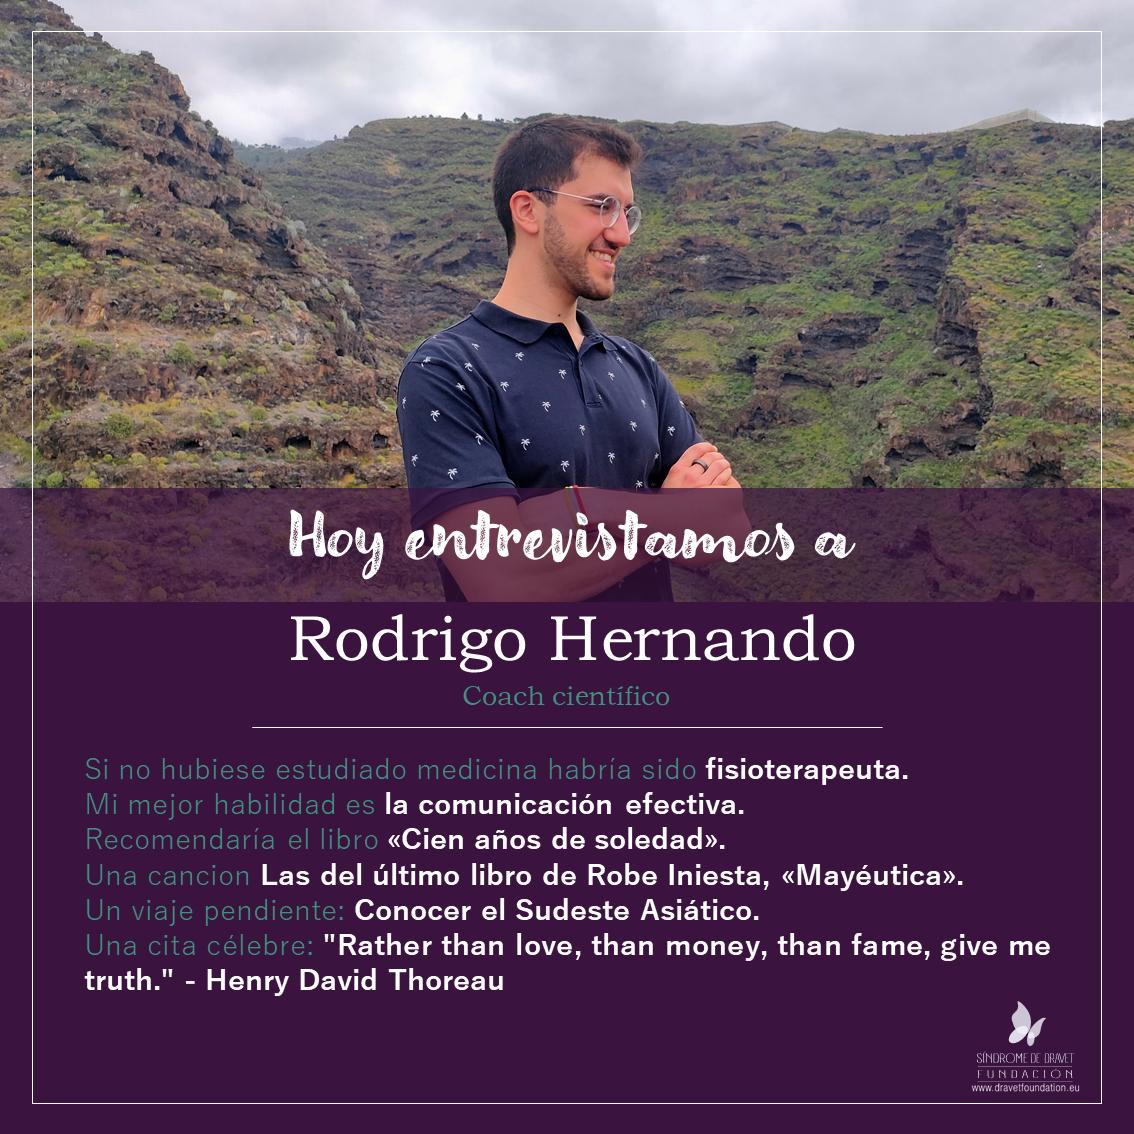 Entrevistamos a Rodrigo Hernando